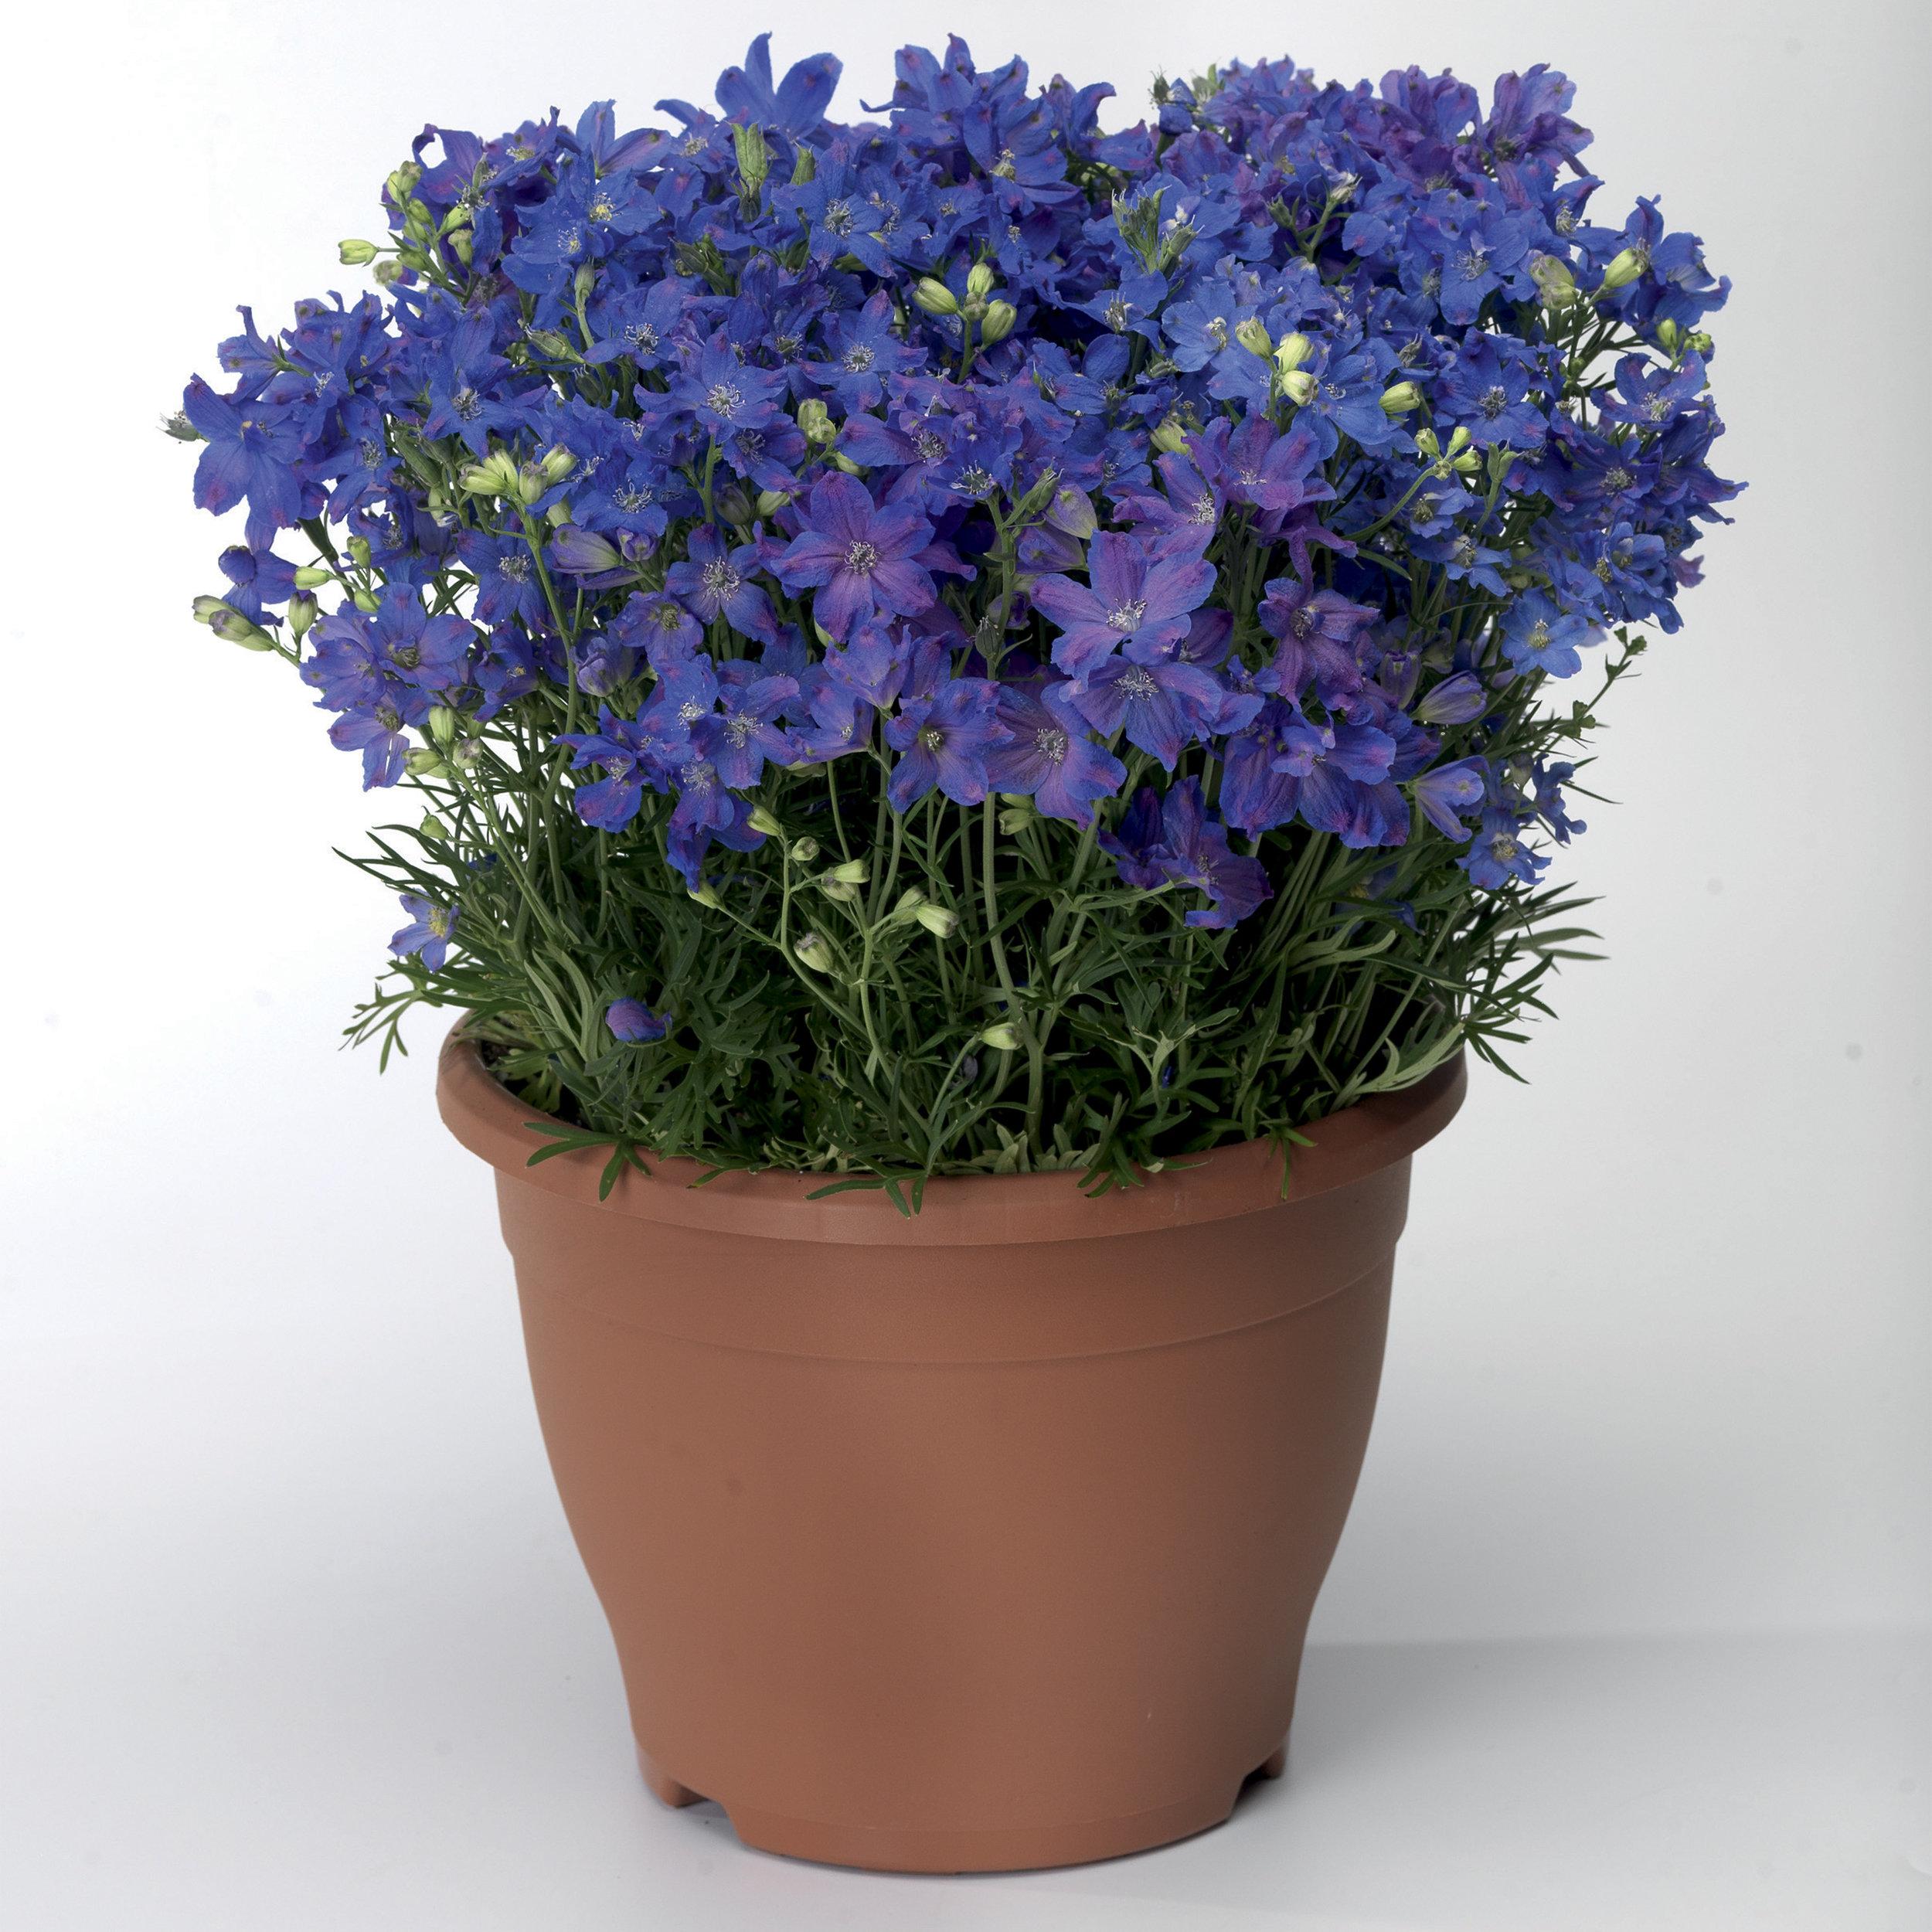 HR_Seed_Delphinium_Delfix®_Delfix®_Blue_70001035.jpg